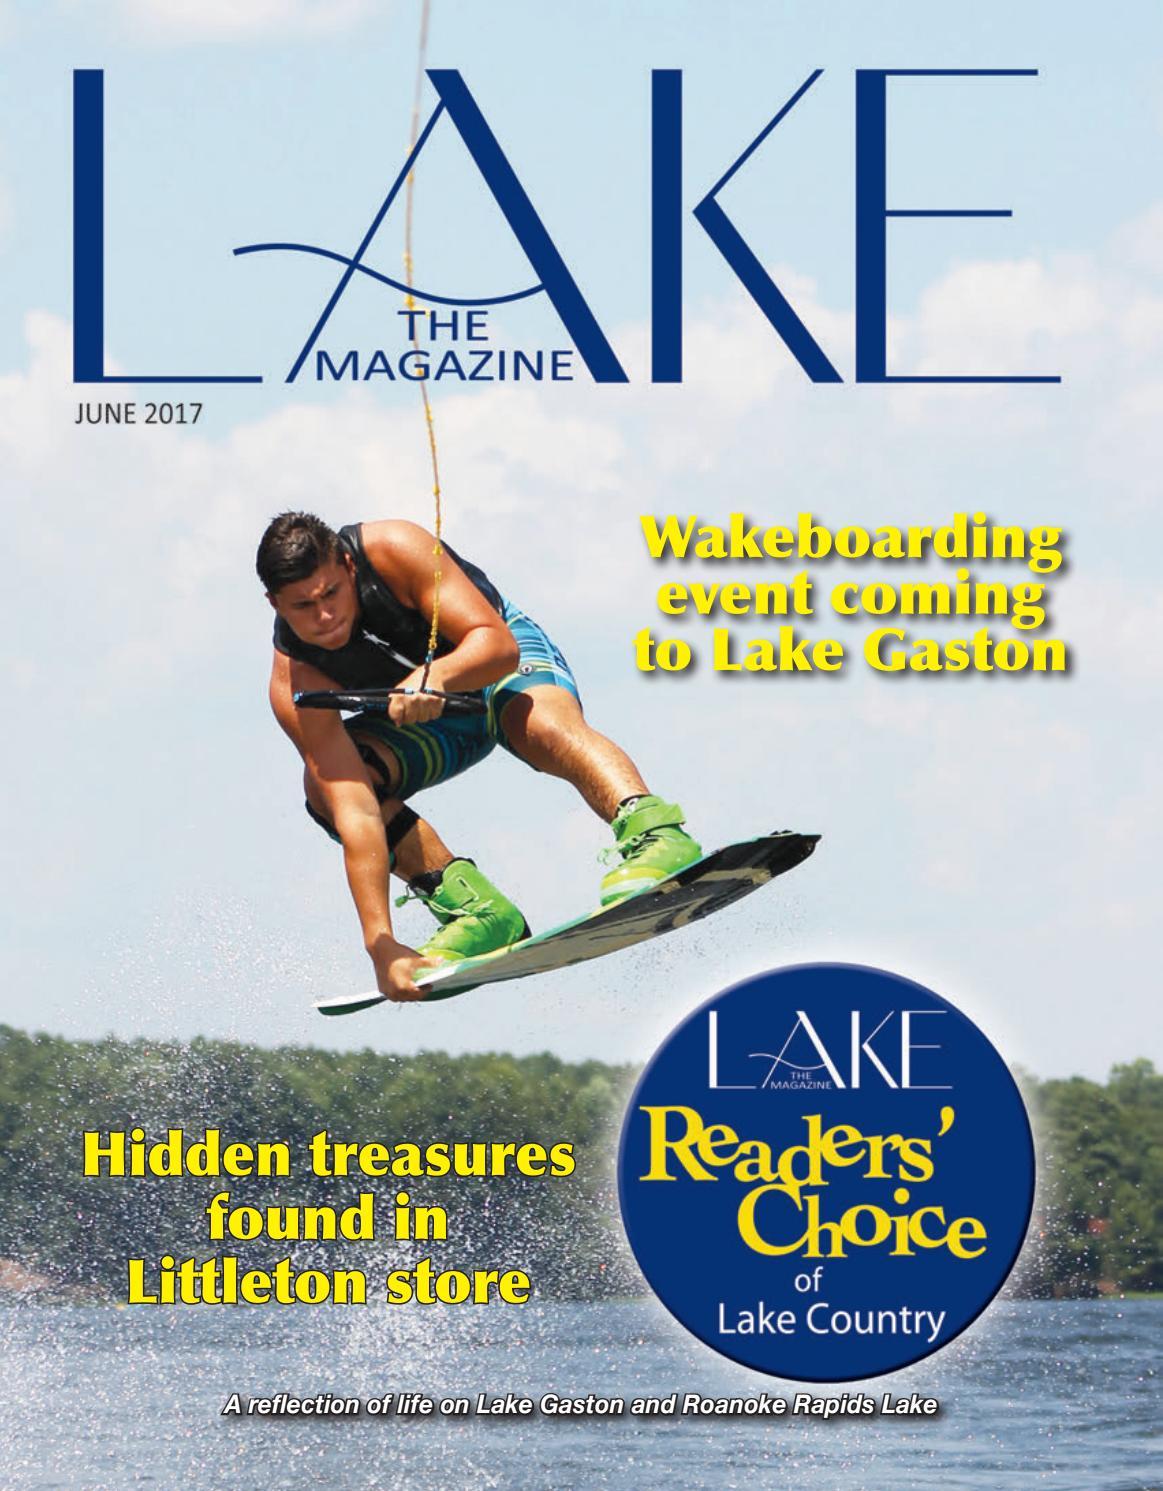 Lake magazine june 2017 by Wick Communications - issuu